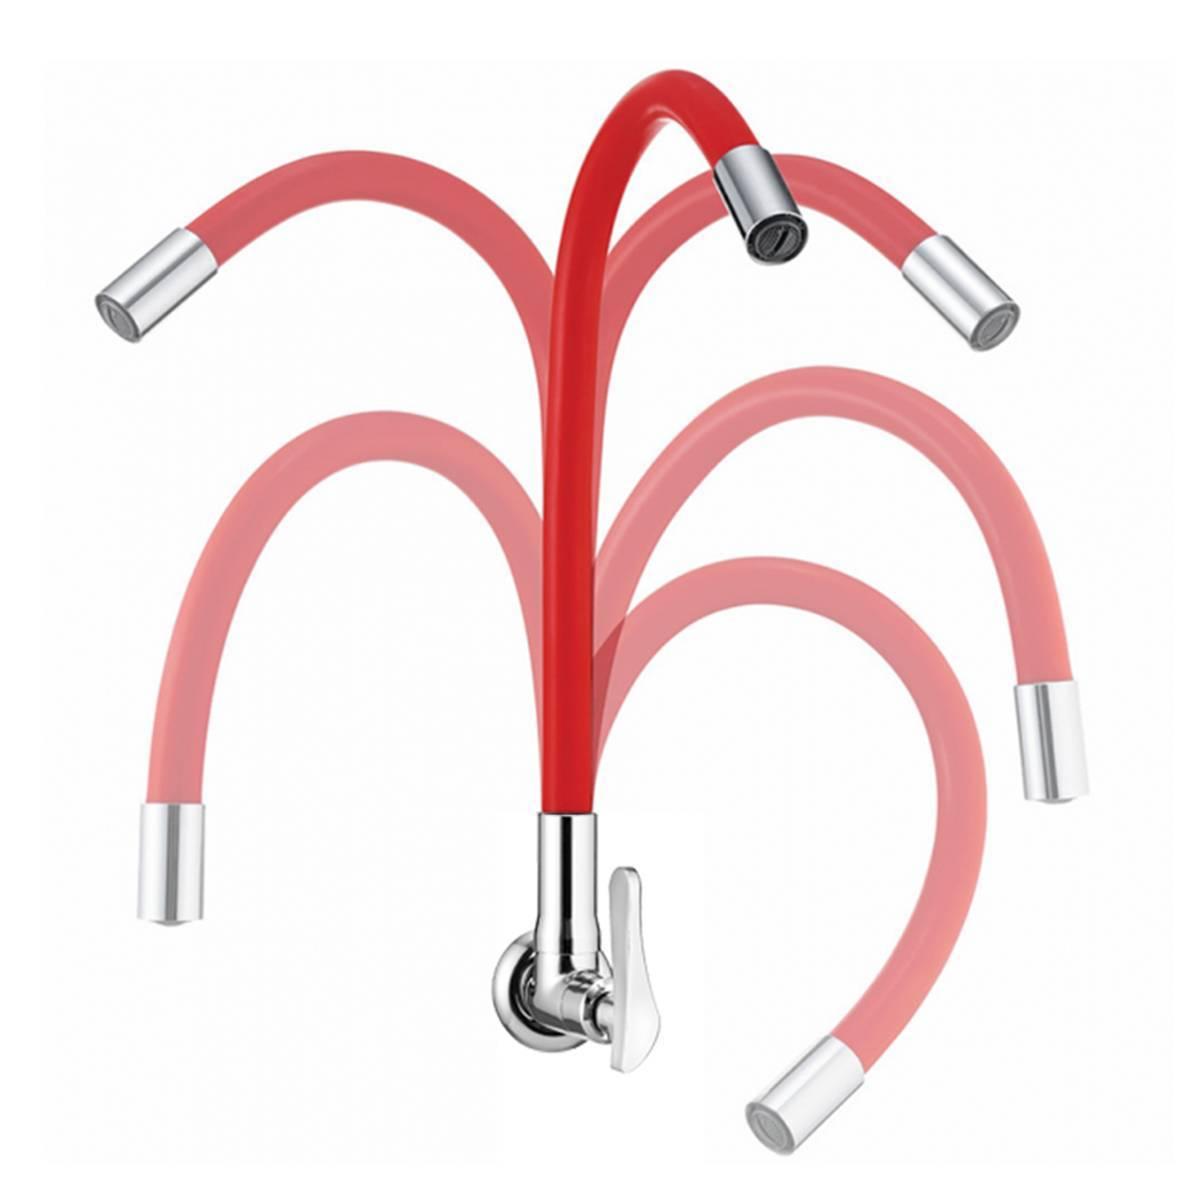 Torneira Para Cozinha De Parede Bica Flexível B27 Vermelha L - LCGELETRO